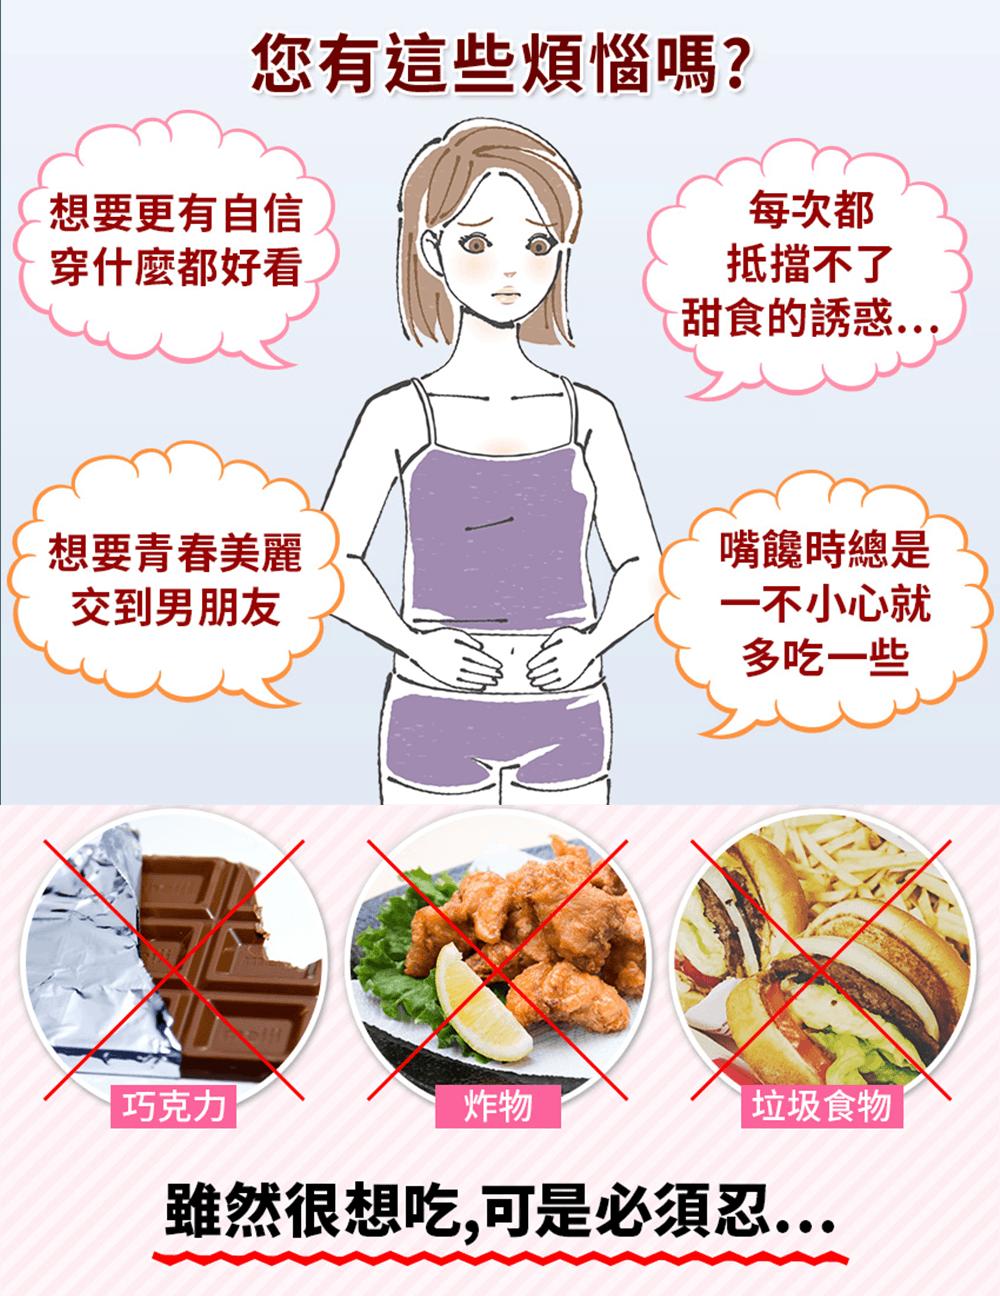 【Guilt FREE SWEETS】【銷售破百萬】日本超人氣美身豆渣餅乾60片裝(添加燕麥)-新裝上市 4